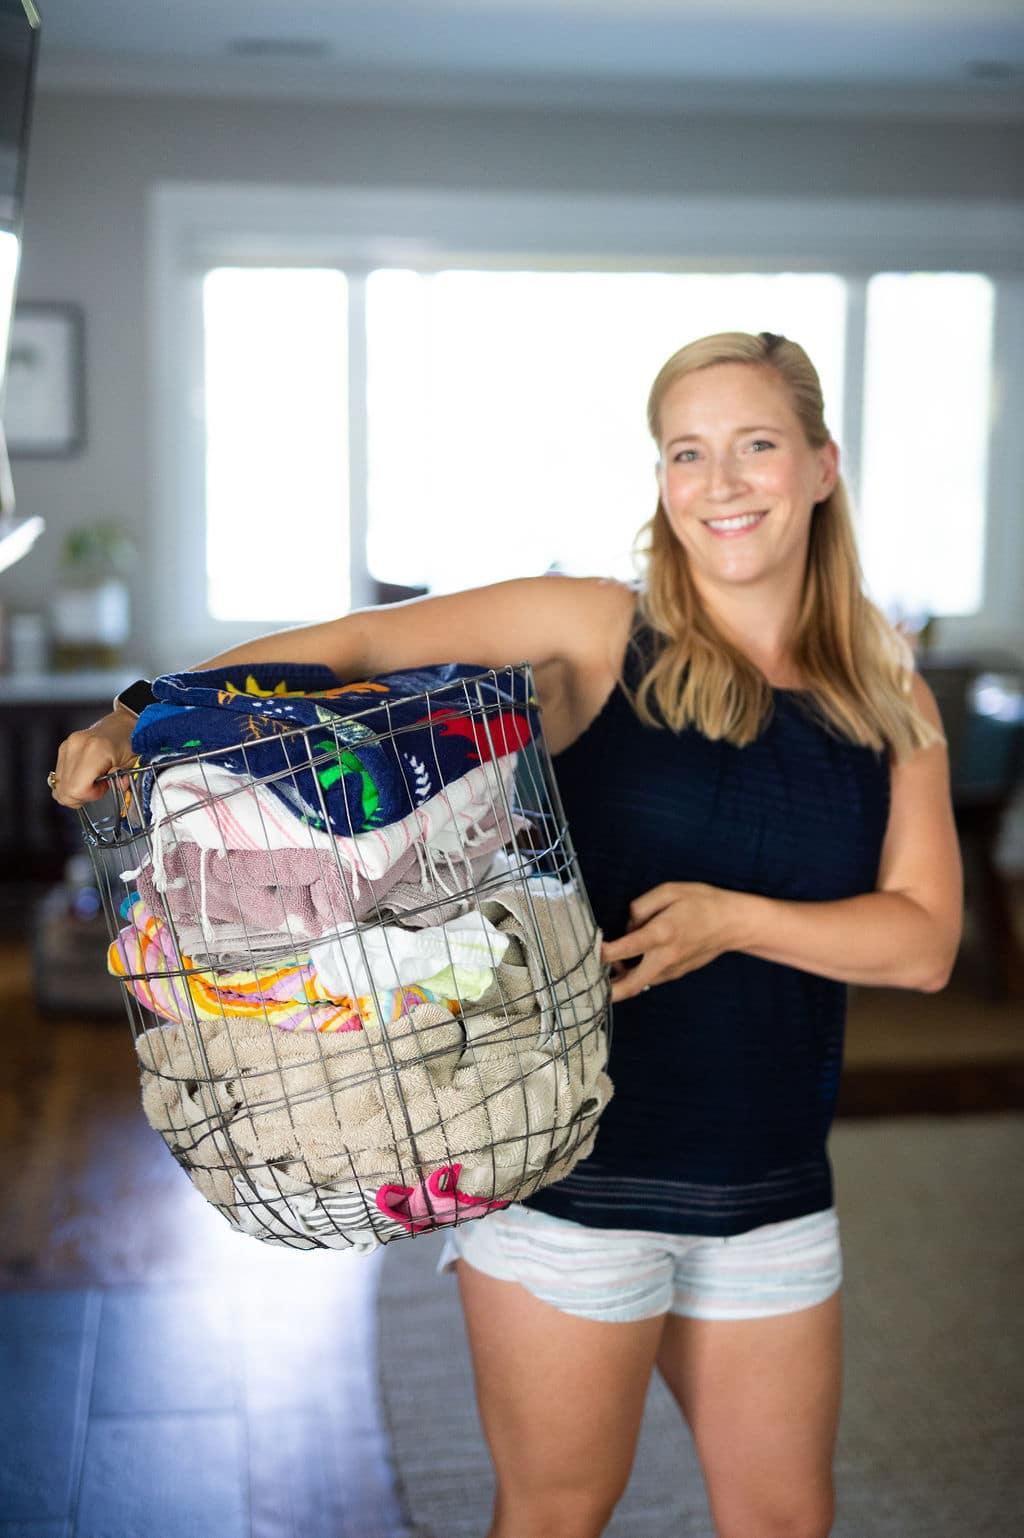 Kath Younger sosteniendo una canasta de alambre llena de ropa sucia.